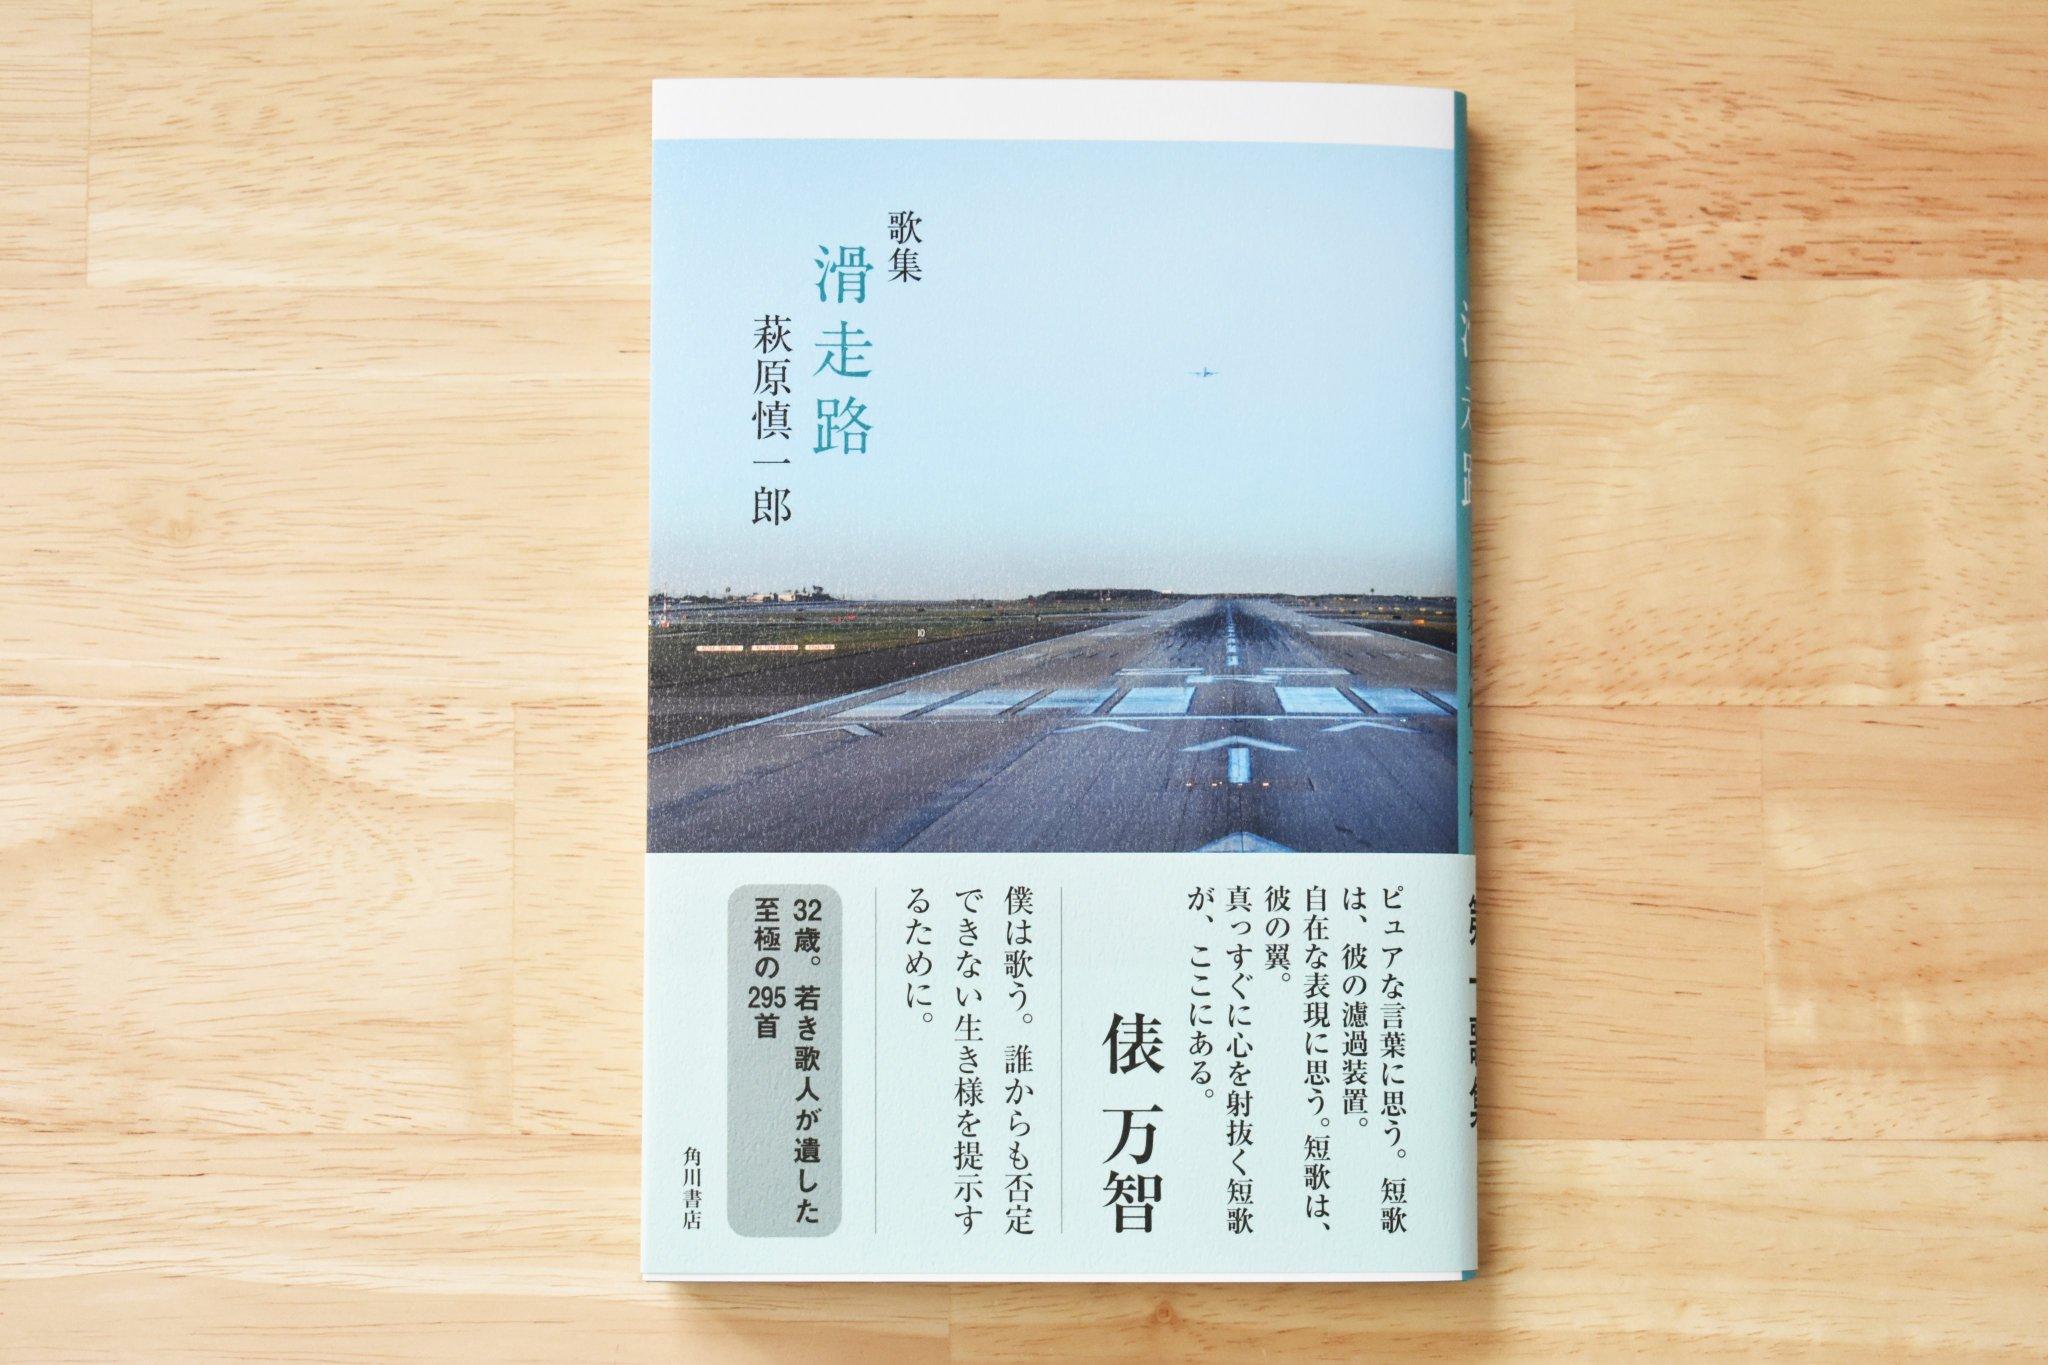 歌集 滑走路 | 萩原 慎一郎 |本 | 通販 | Amazon